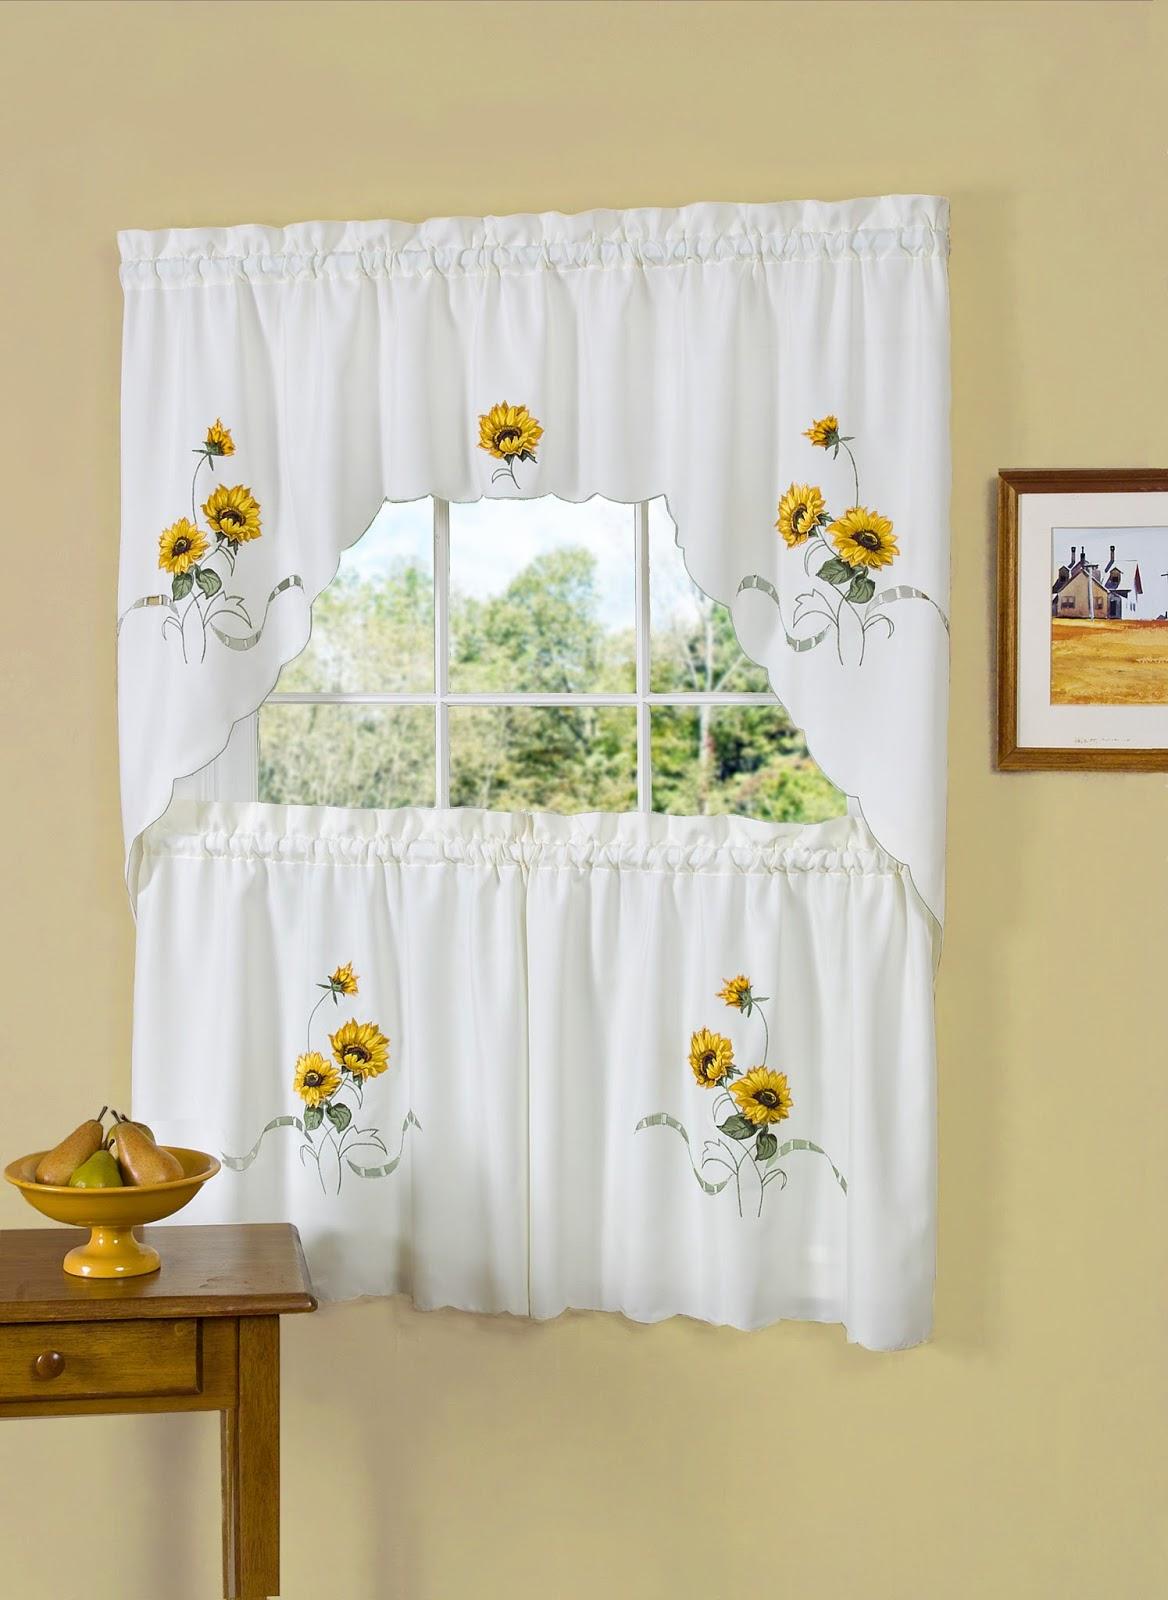 Sunflower curtains for kitchen ideas kitchen remodel for Sunflower kitchen ideas